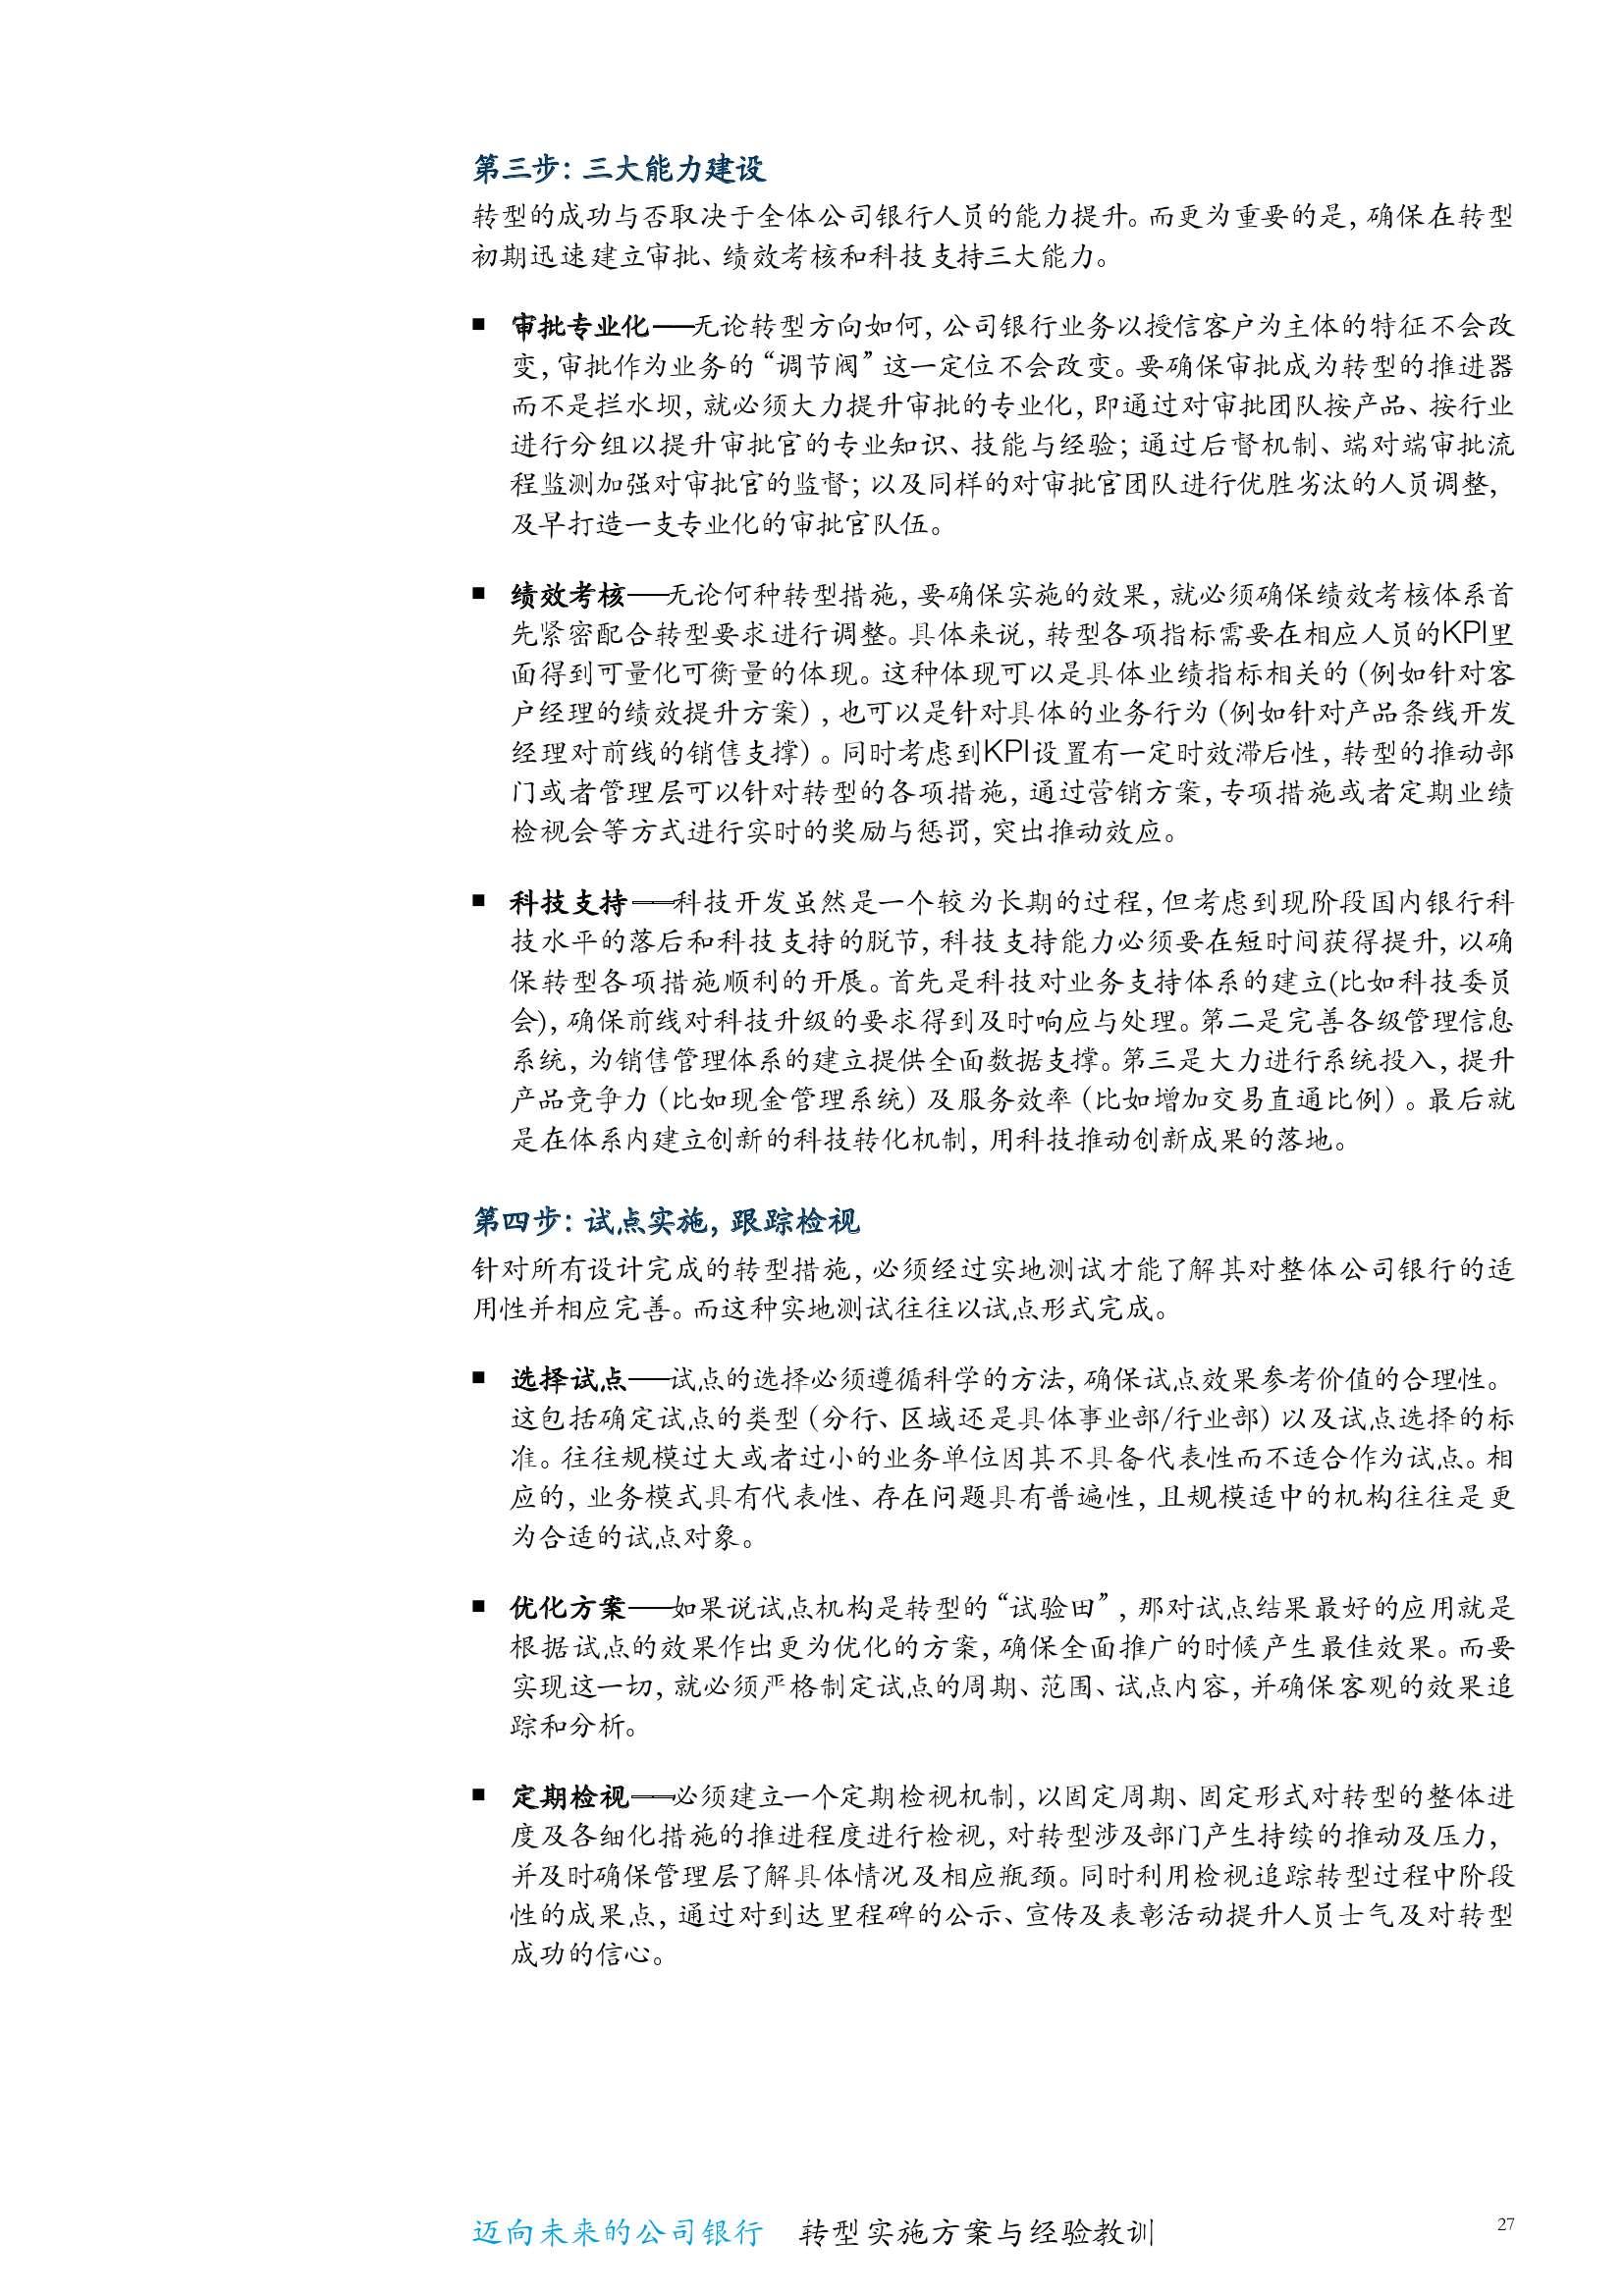 中国银行业白皮书--迈向未来的公司银行_000033